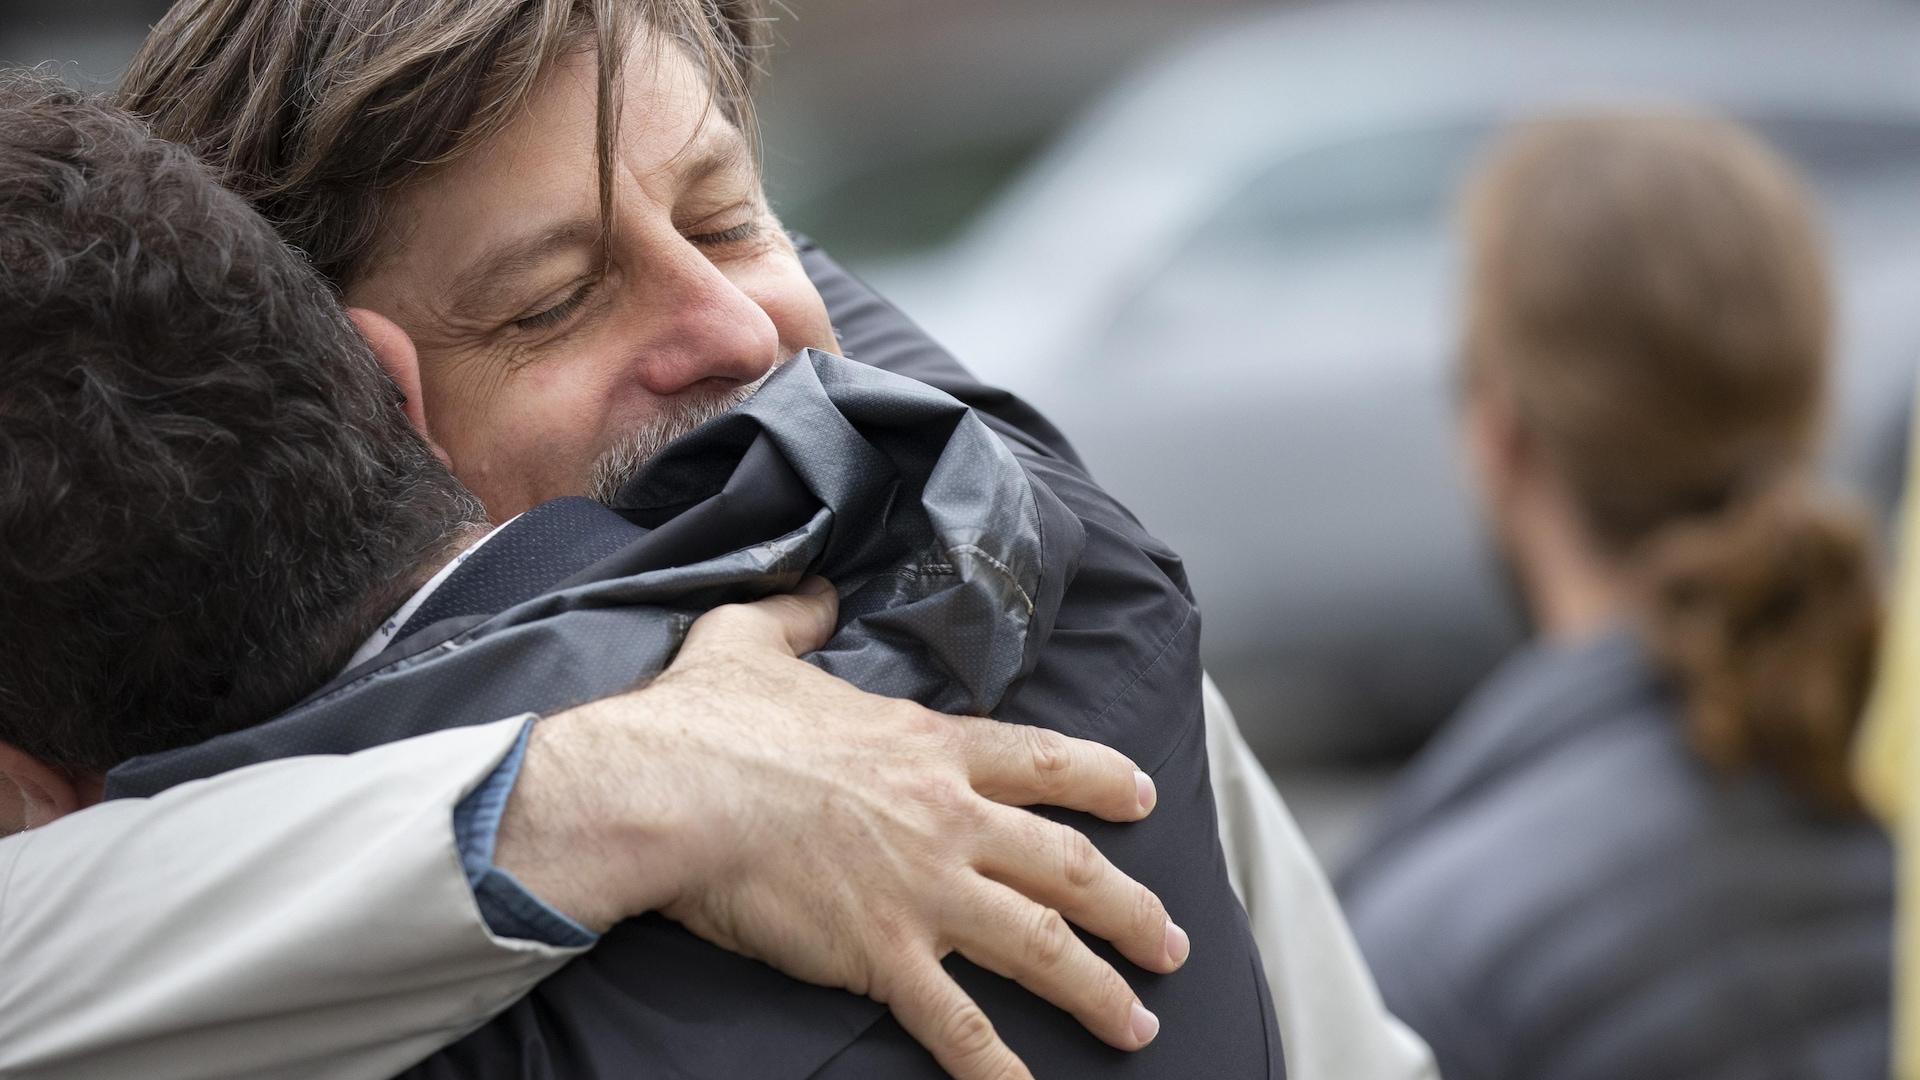 Un homme serre paternellement dans ses bras un adolescent.